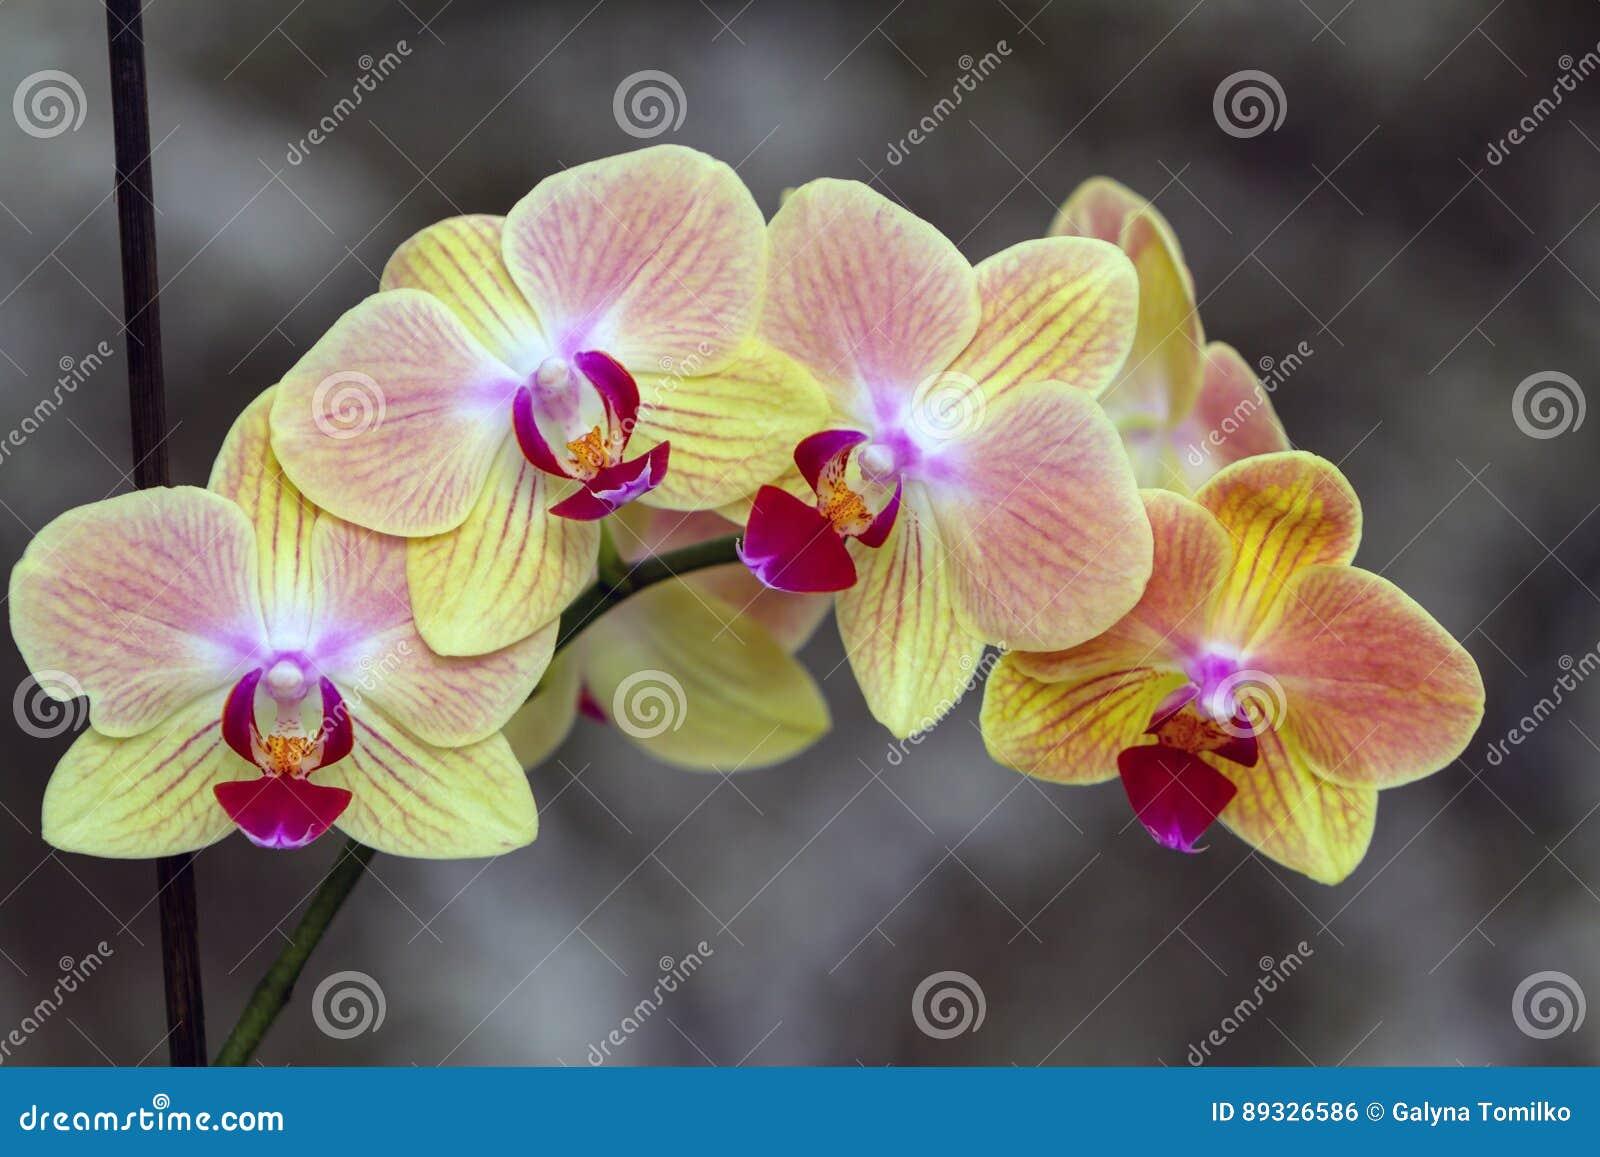 Blomma filialen av orkidéphalaenopsis